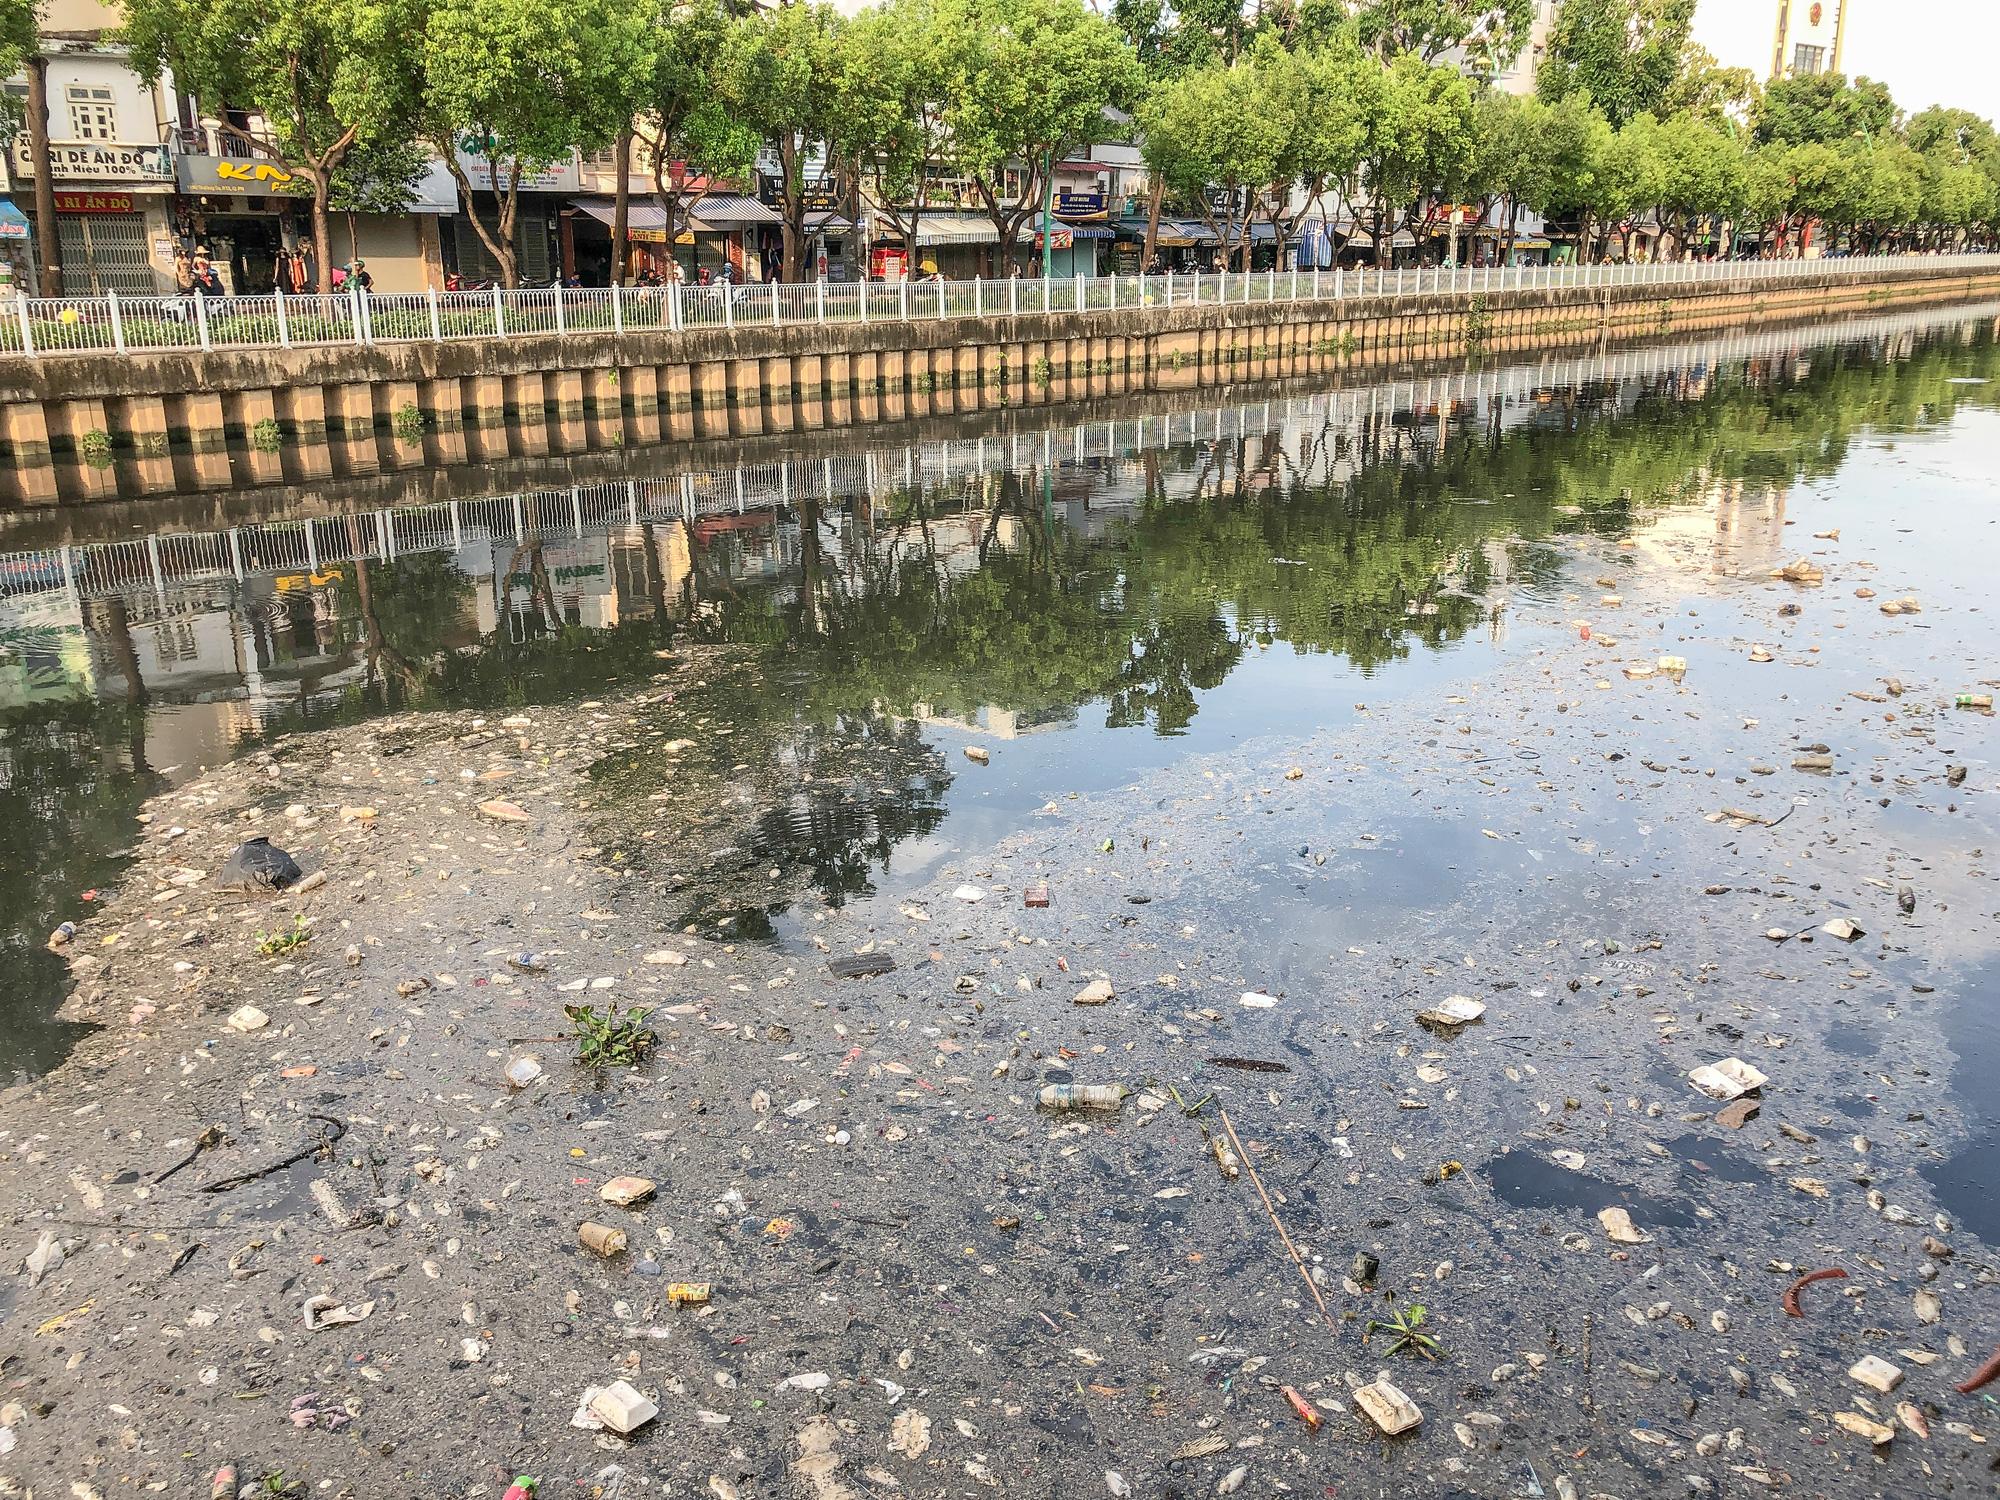 Fish die en masse in Ho Chi Minh City canal following unseasonal rain